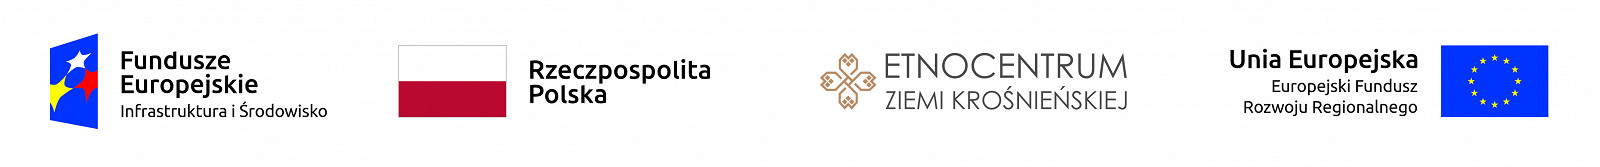 Inspirujemy Tradycją - Etnocentrum Ziemi Krośnieńskiej otwarte! - zdjęcie w treści